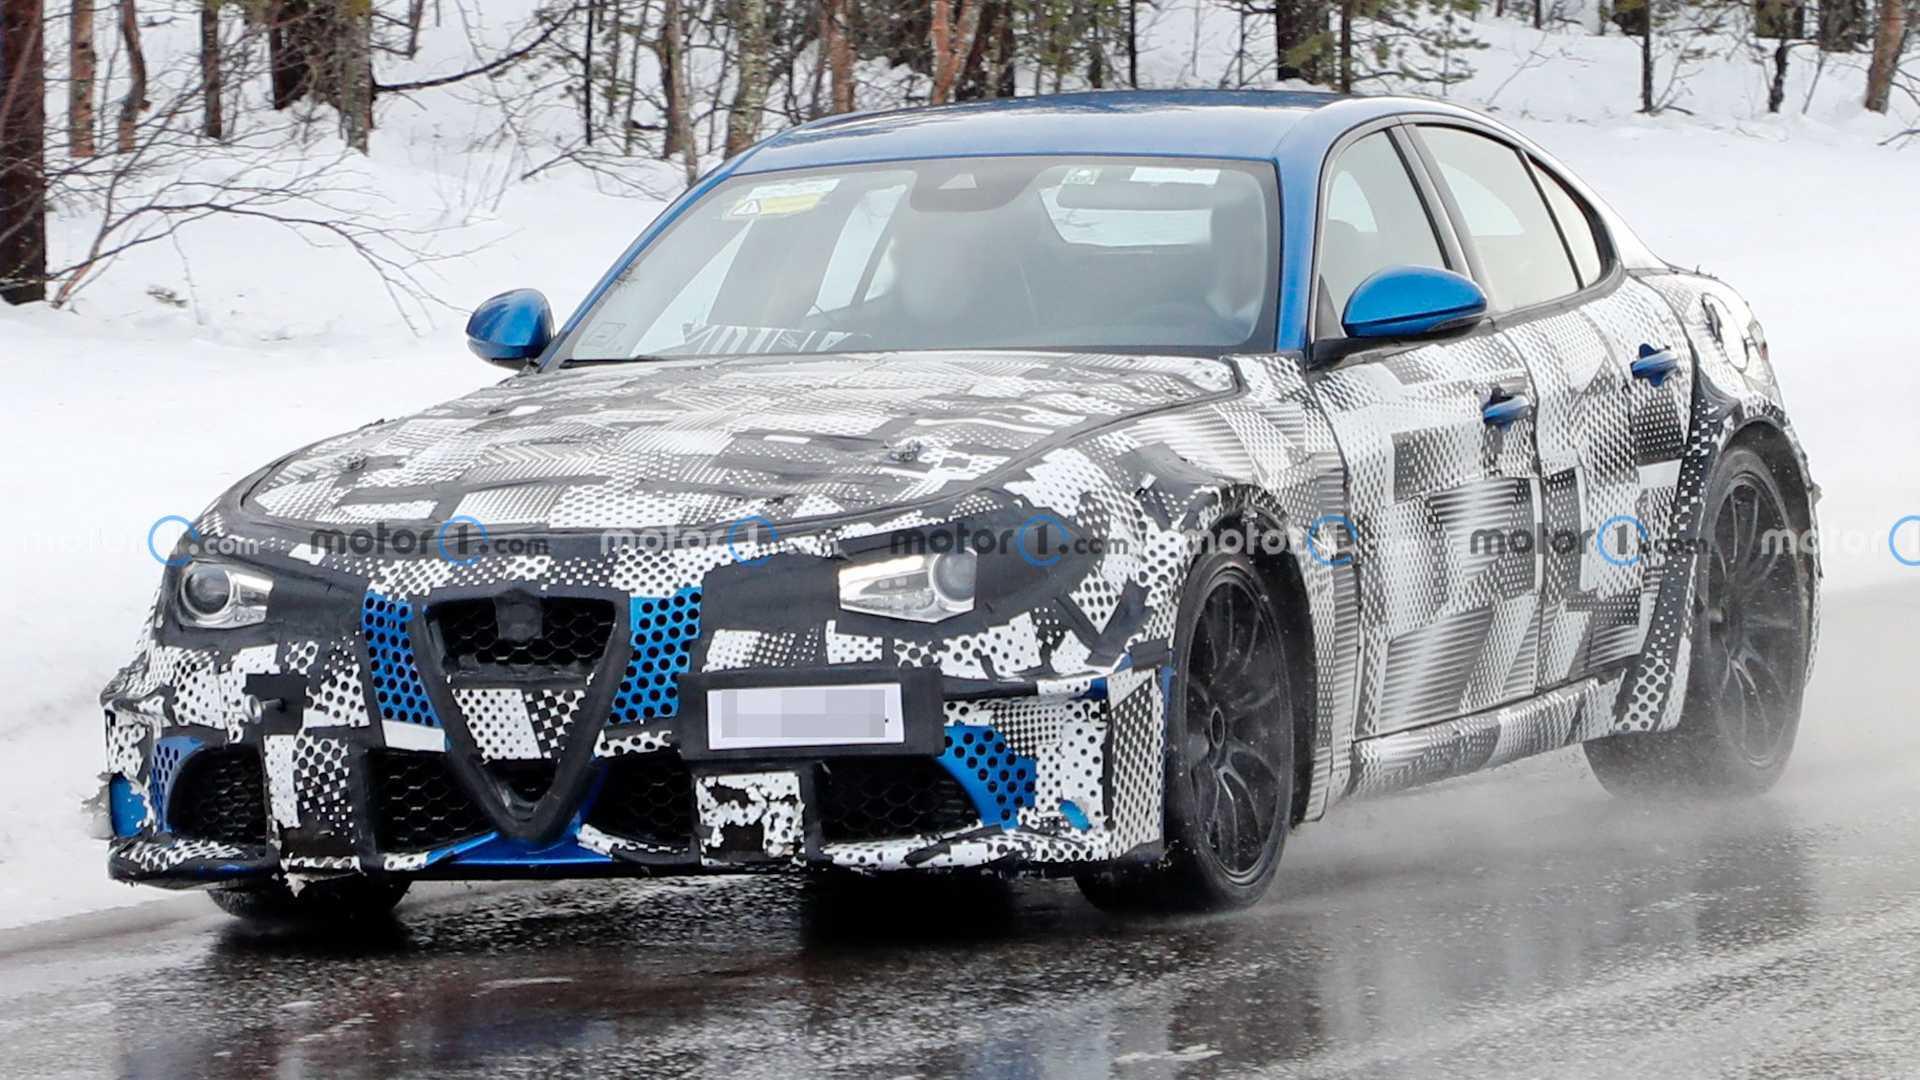 虽然原车前脸很长,但GT的本质很难隐藏,新款玛莎拉蒂GT暴露在间谍照片下